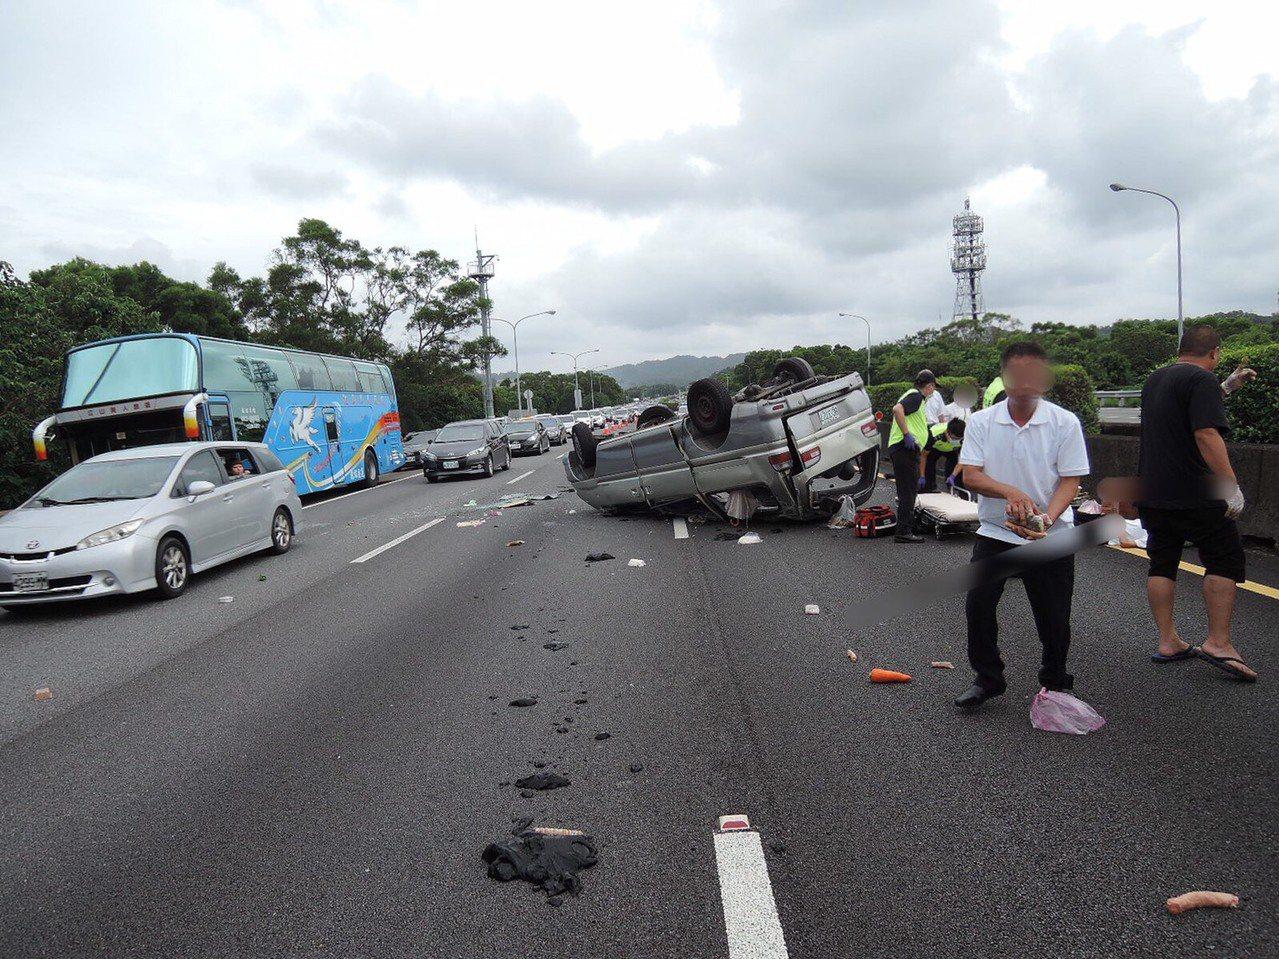 國道3號南下90.3K,新竹縣關西往寶山路段,今天早上9點發生一輛銀色廂型車左後輪爆胎,整輛翻覆於高速中路的中、內側車道。記者郭政芬/翻攝